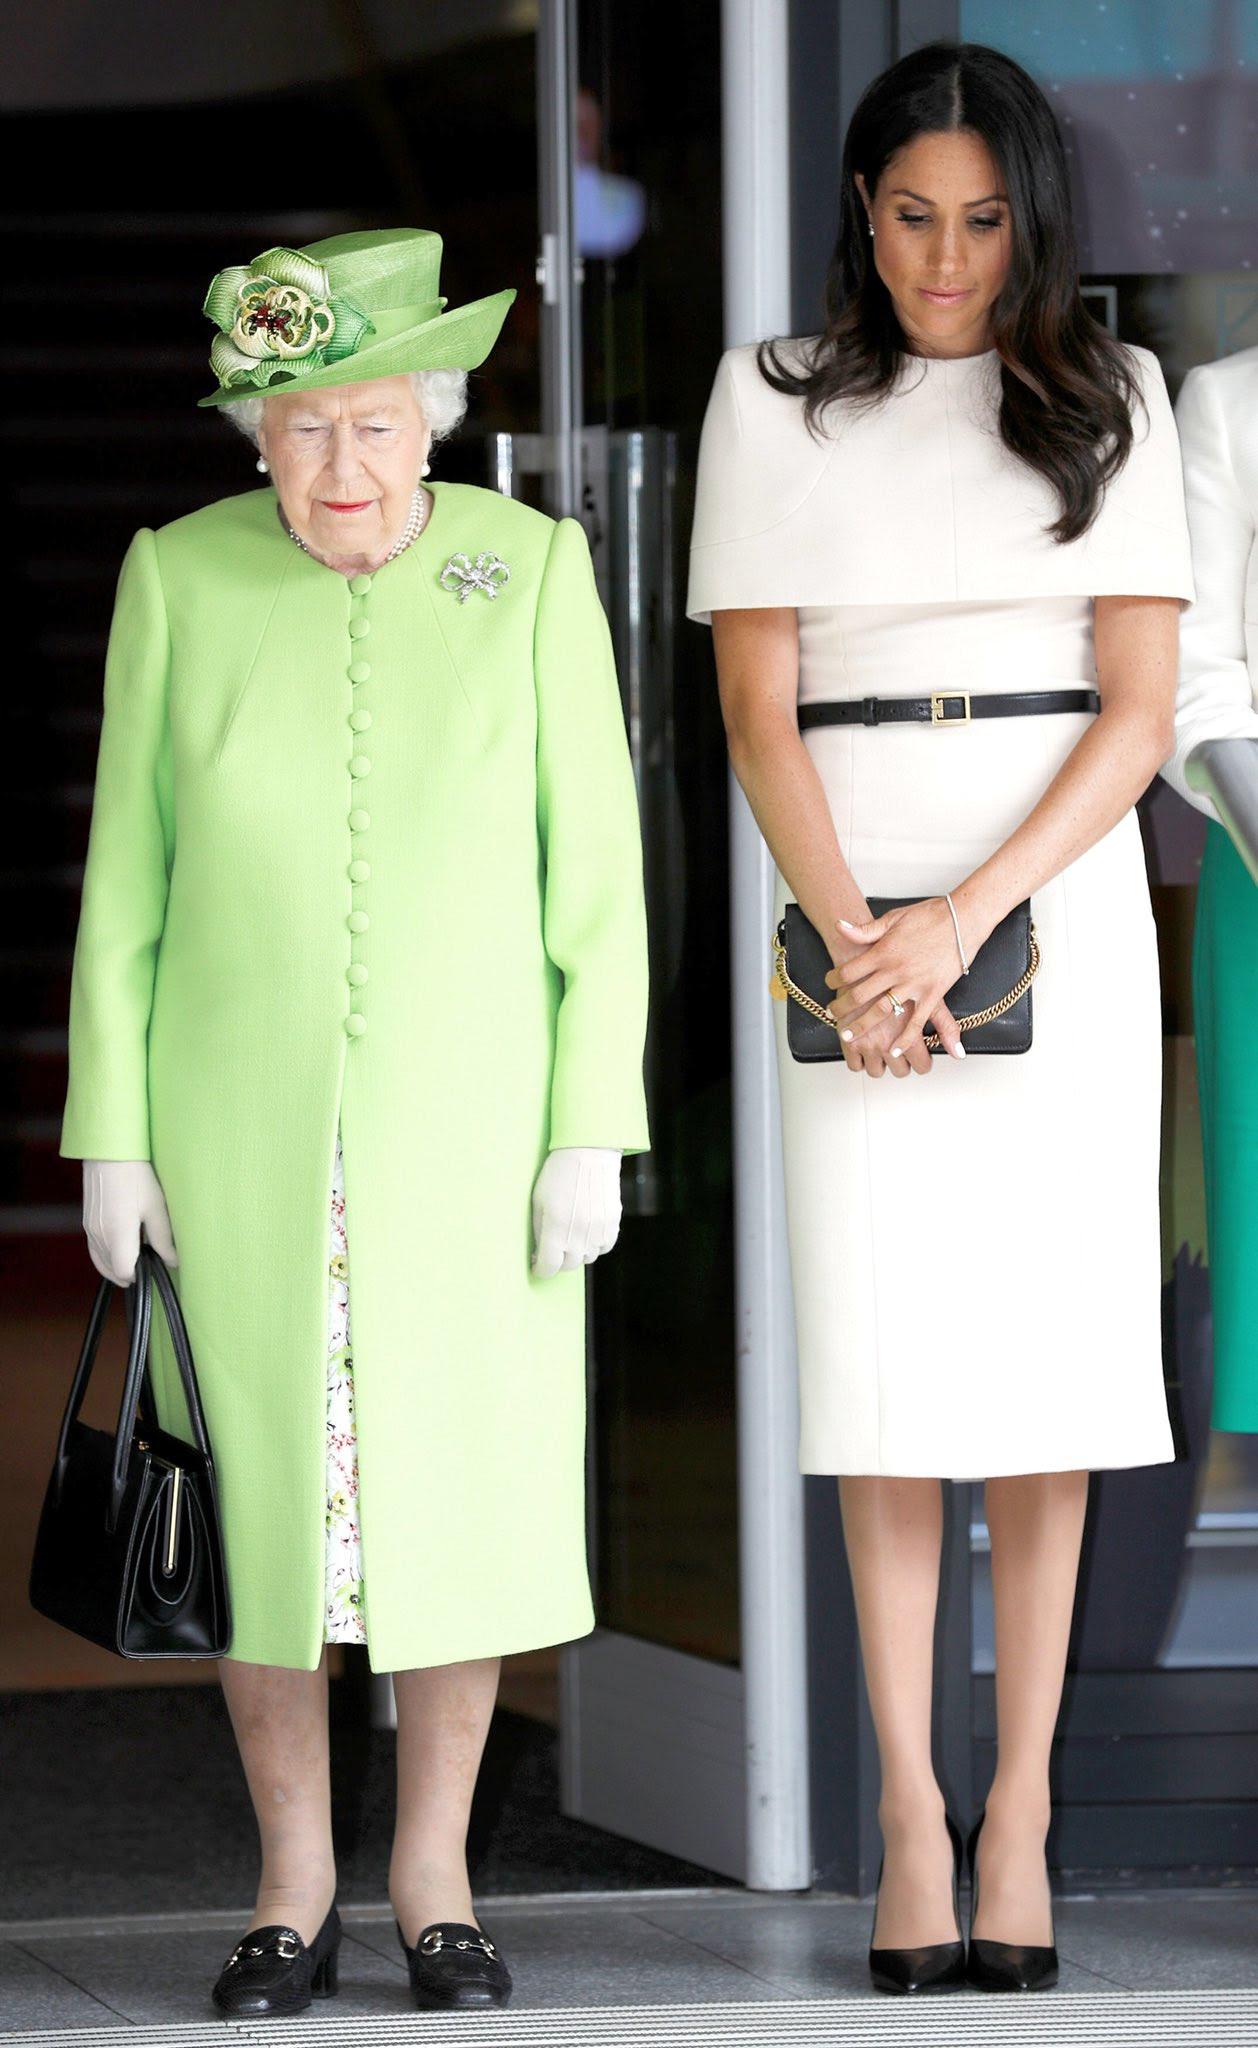 Image result for meghan markle givenchy dress images